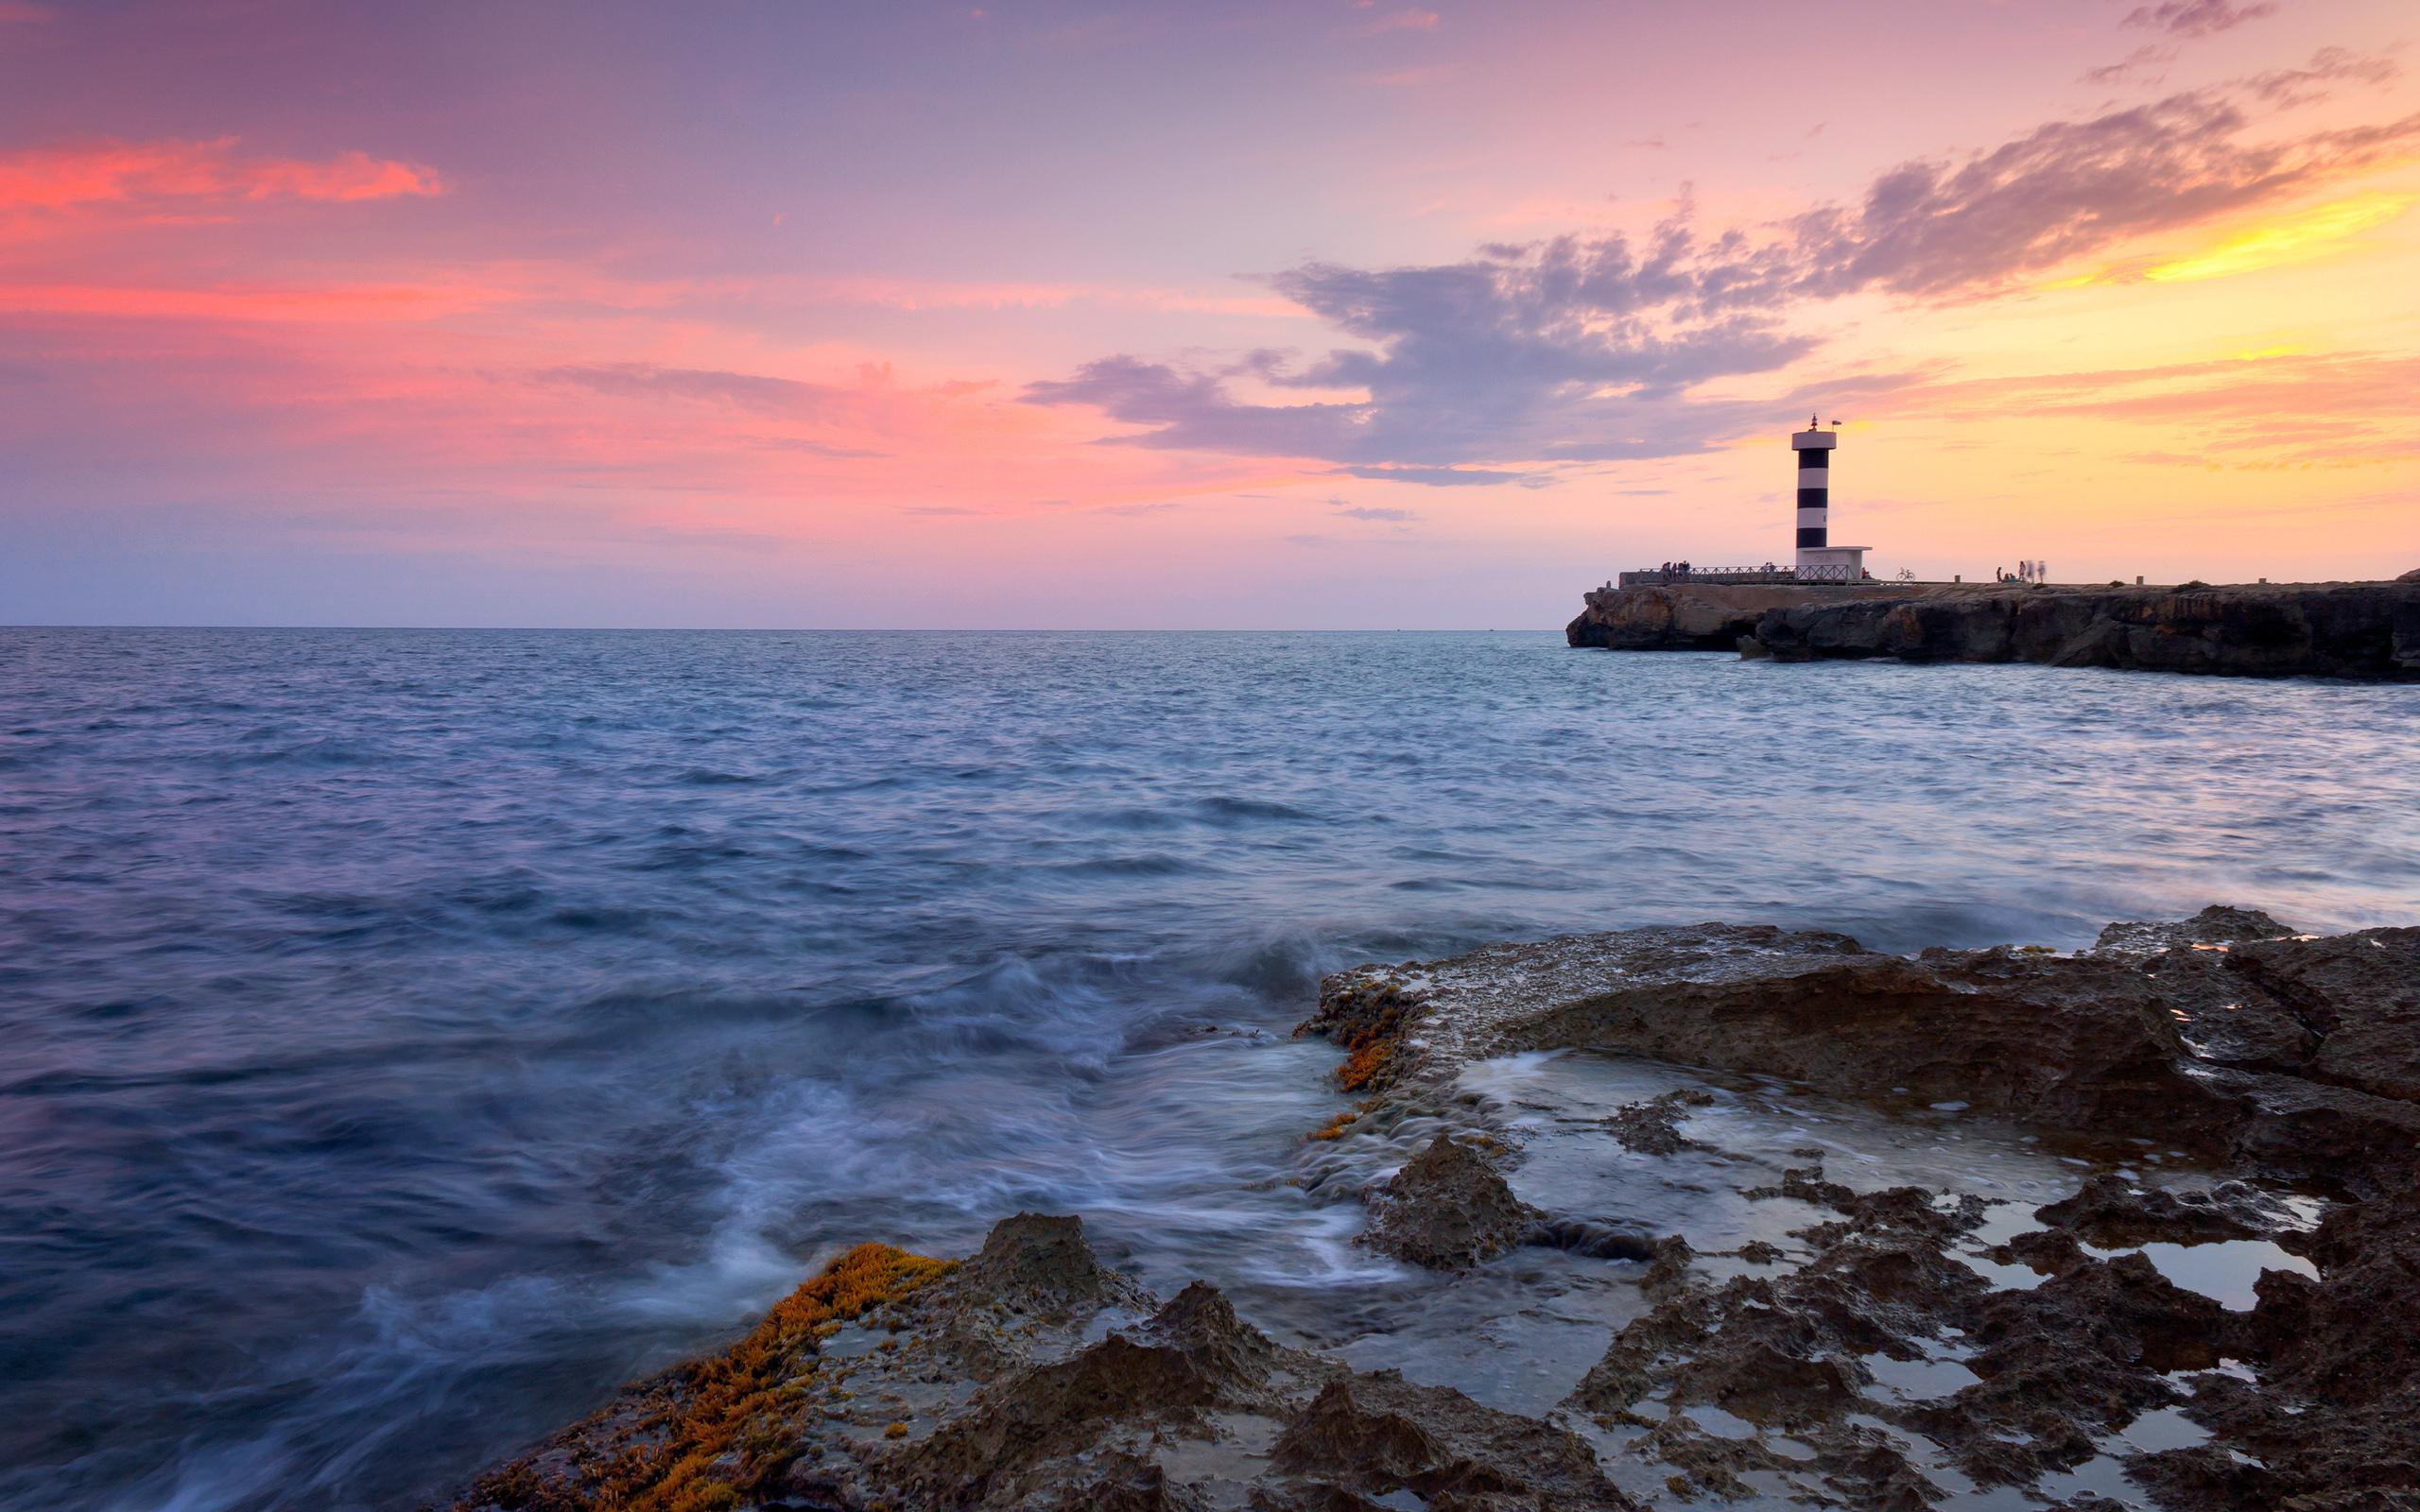 маяк море берег lighthouse sea shore  № 2220730 без смс